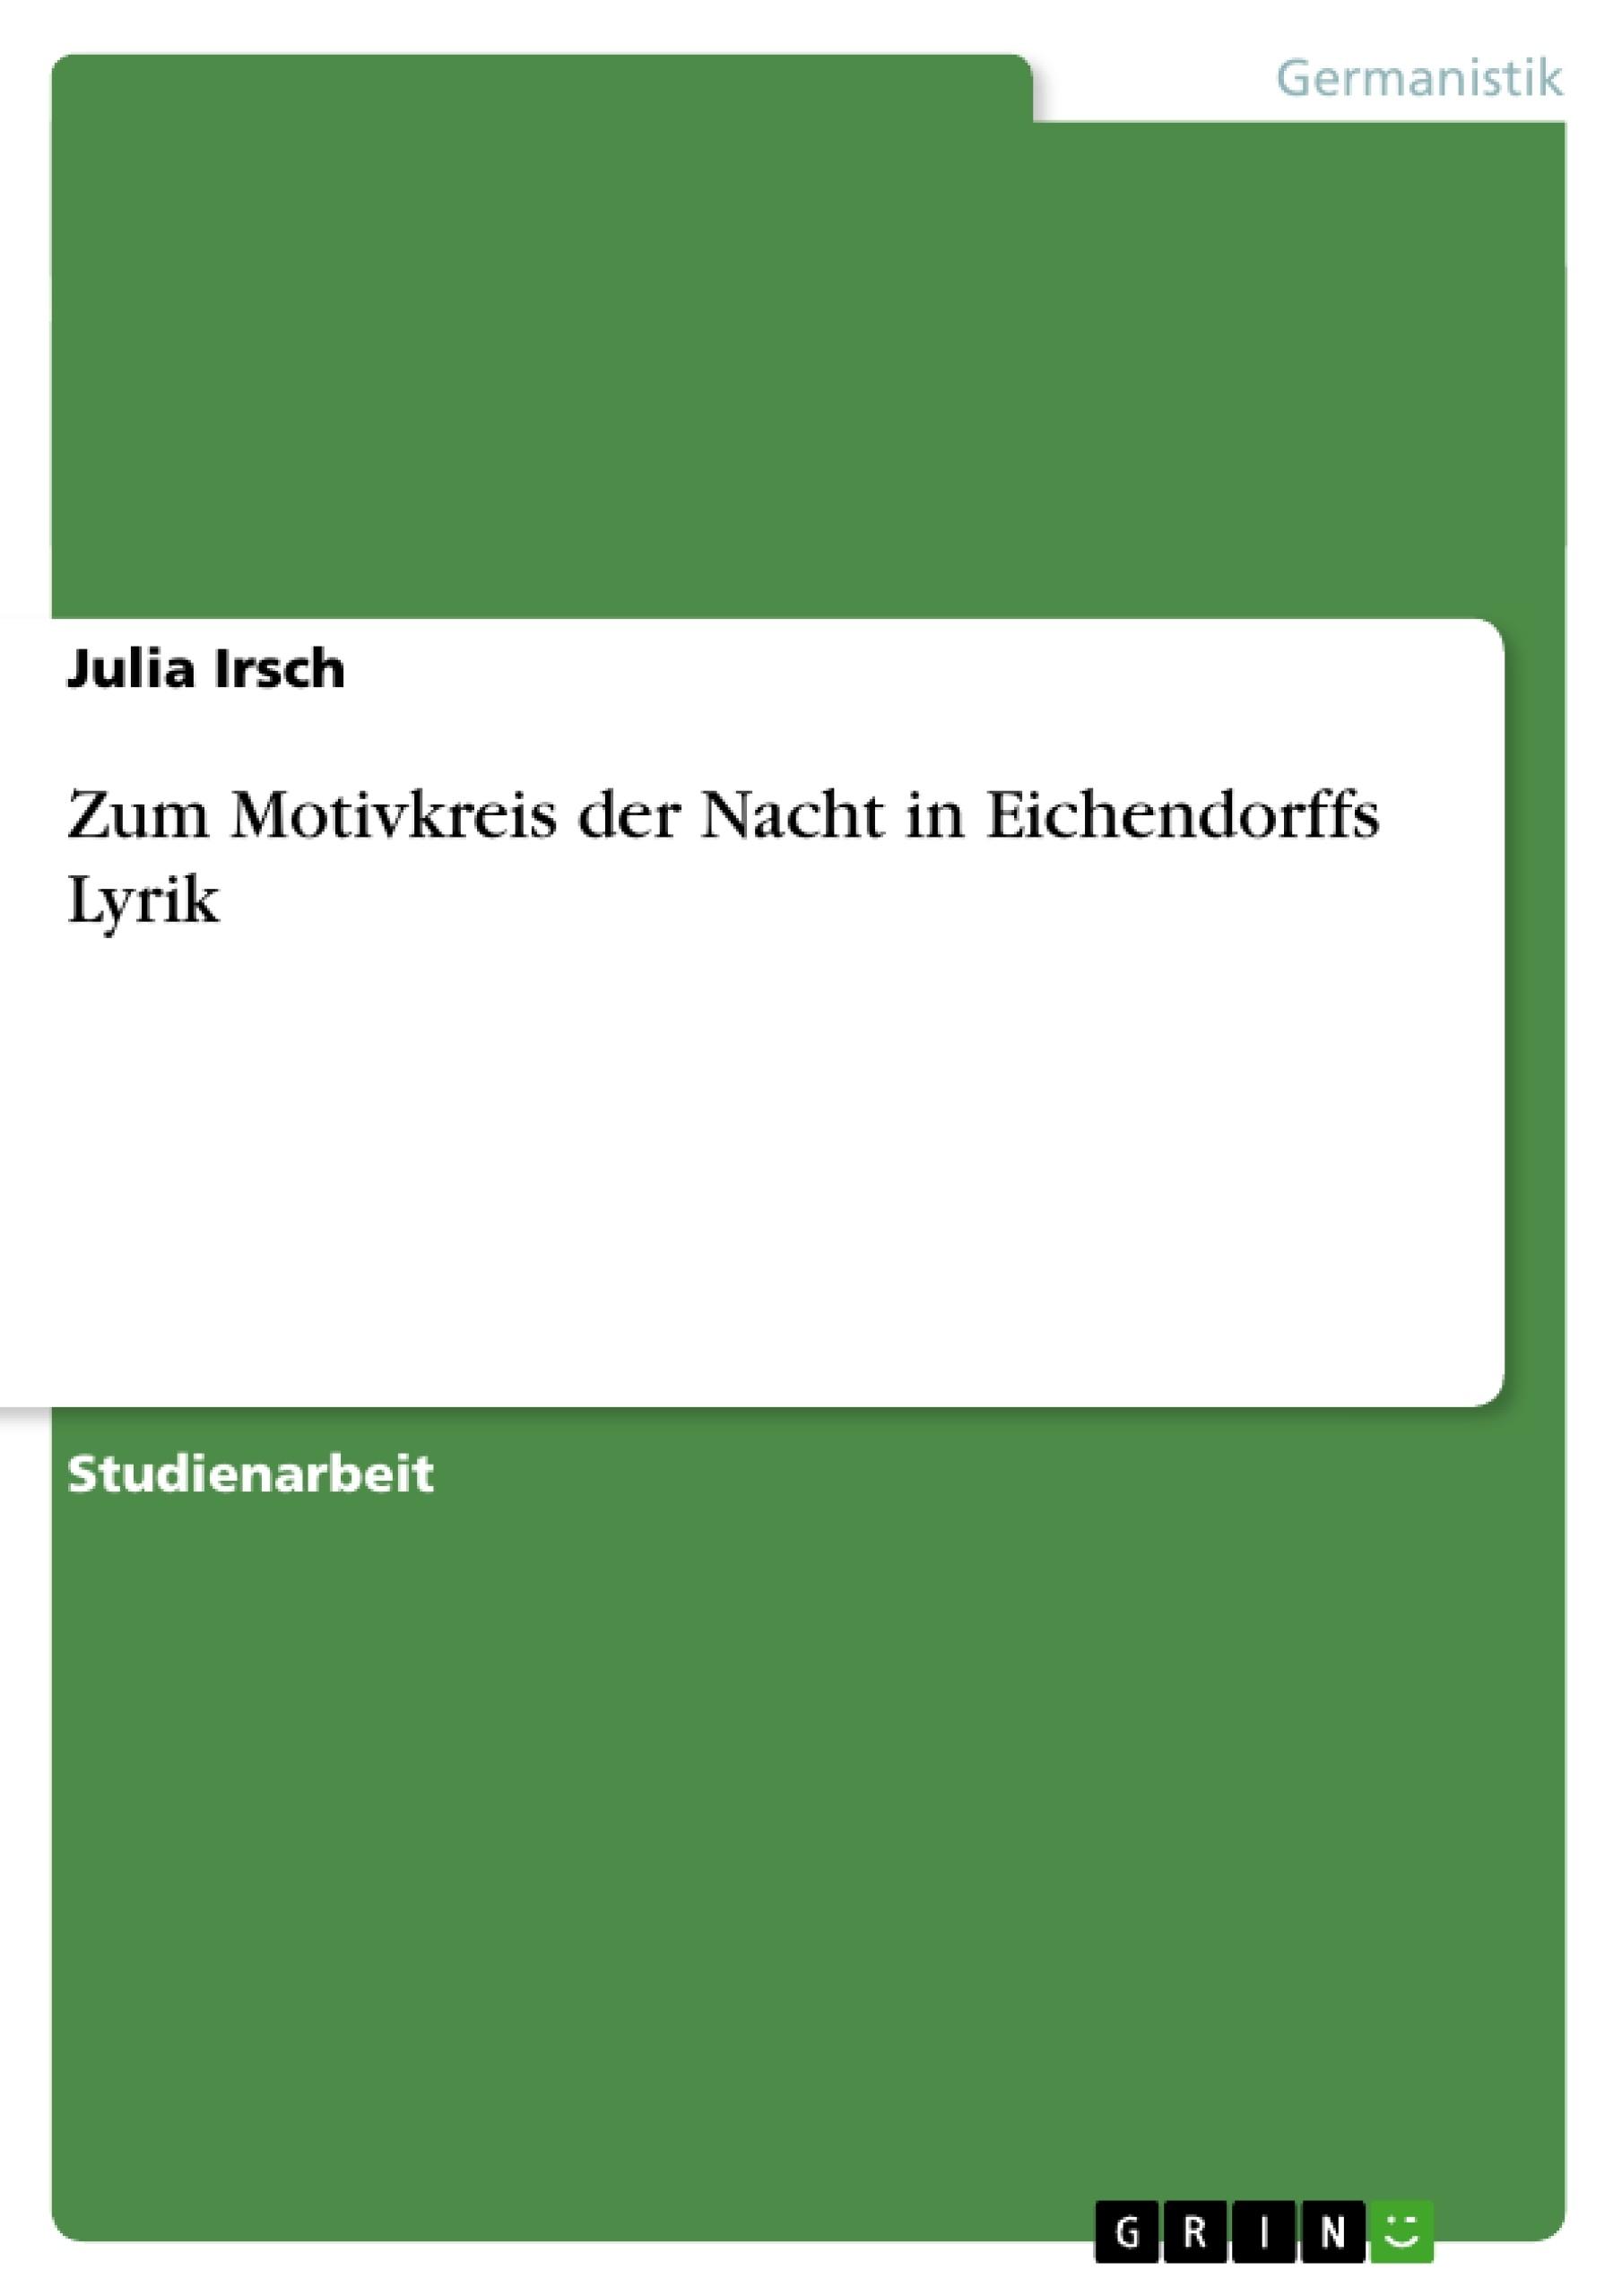 Titel: Zum Motivkreis der Nacht in Eichendorffs Lyrik